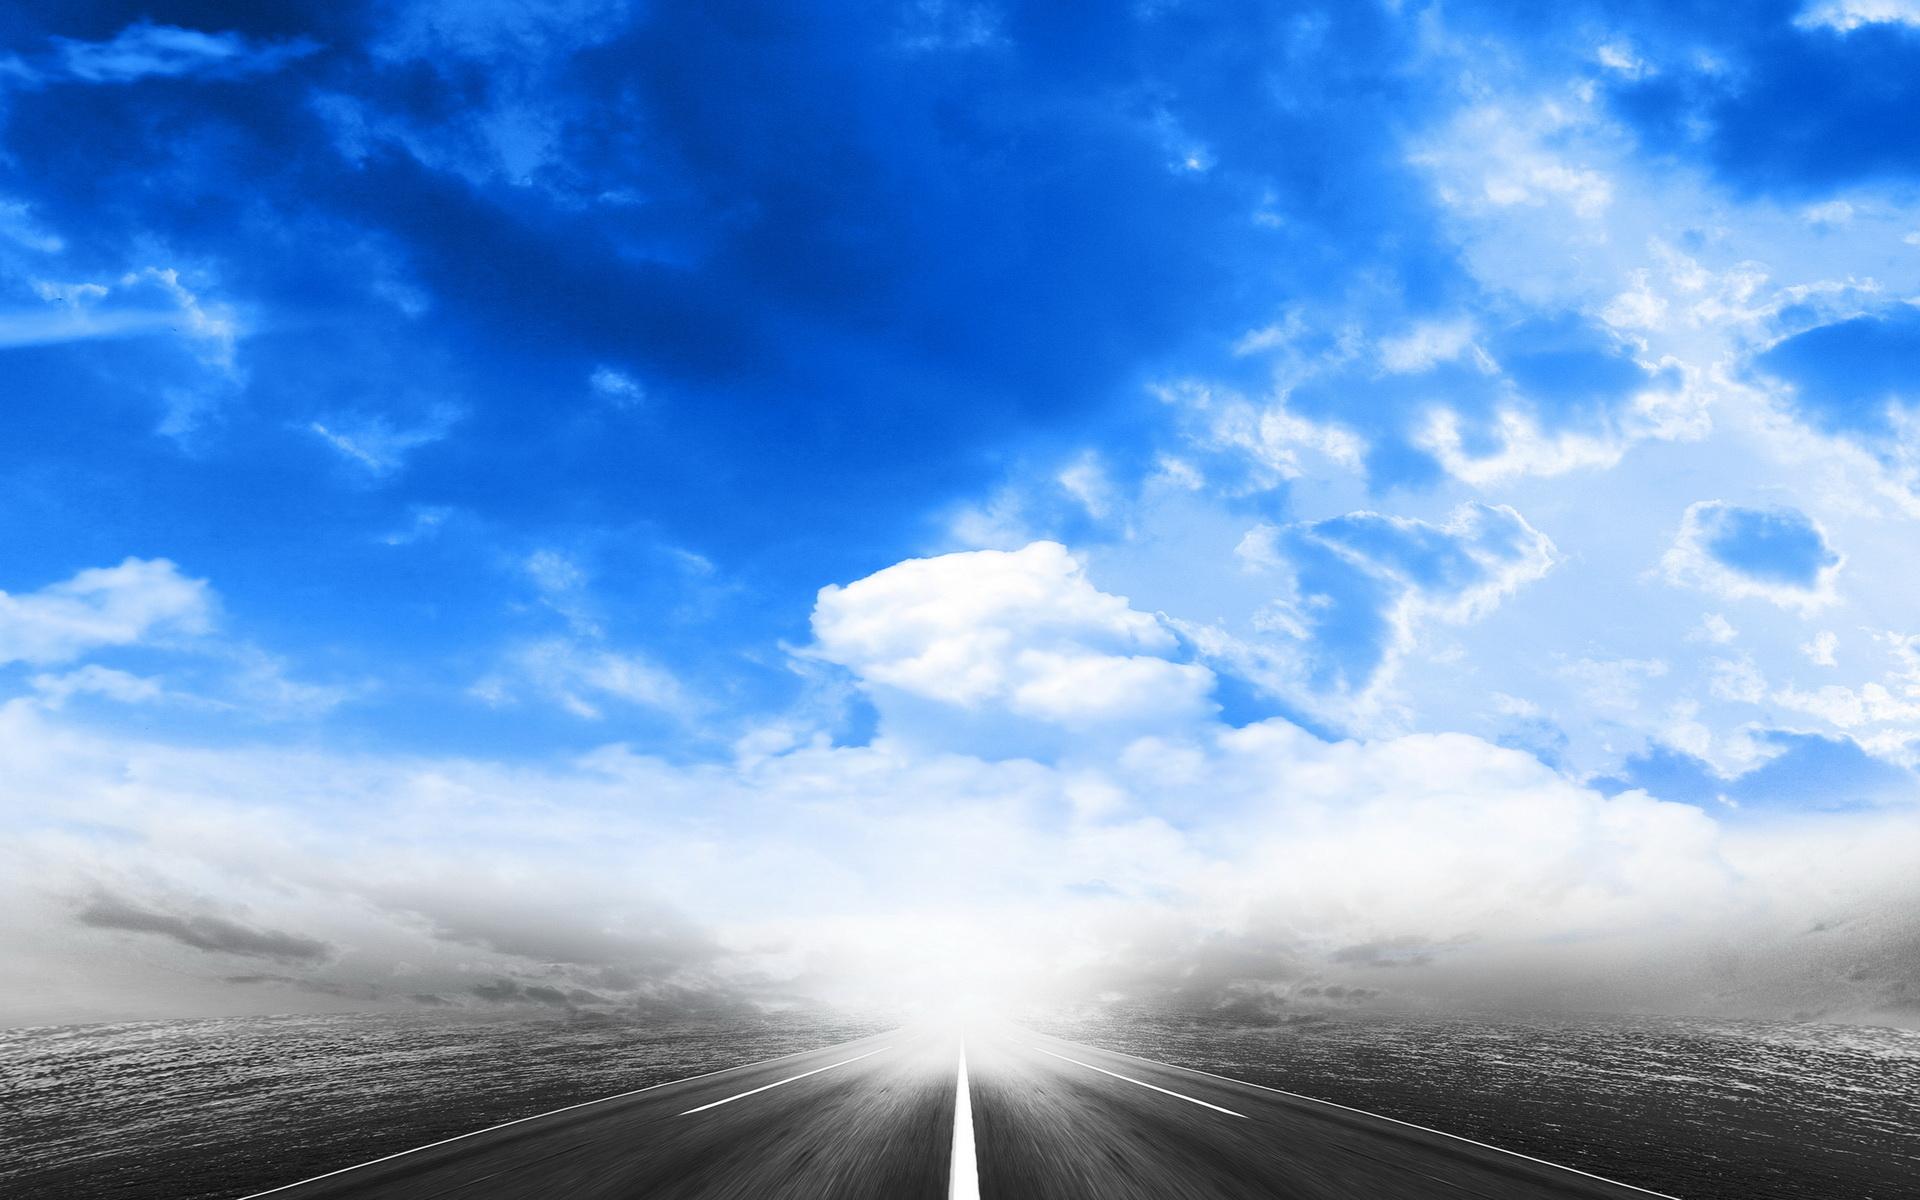 как красивые картинки небо и дорогами кобуры может